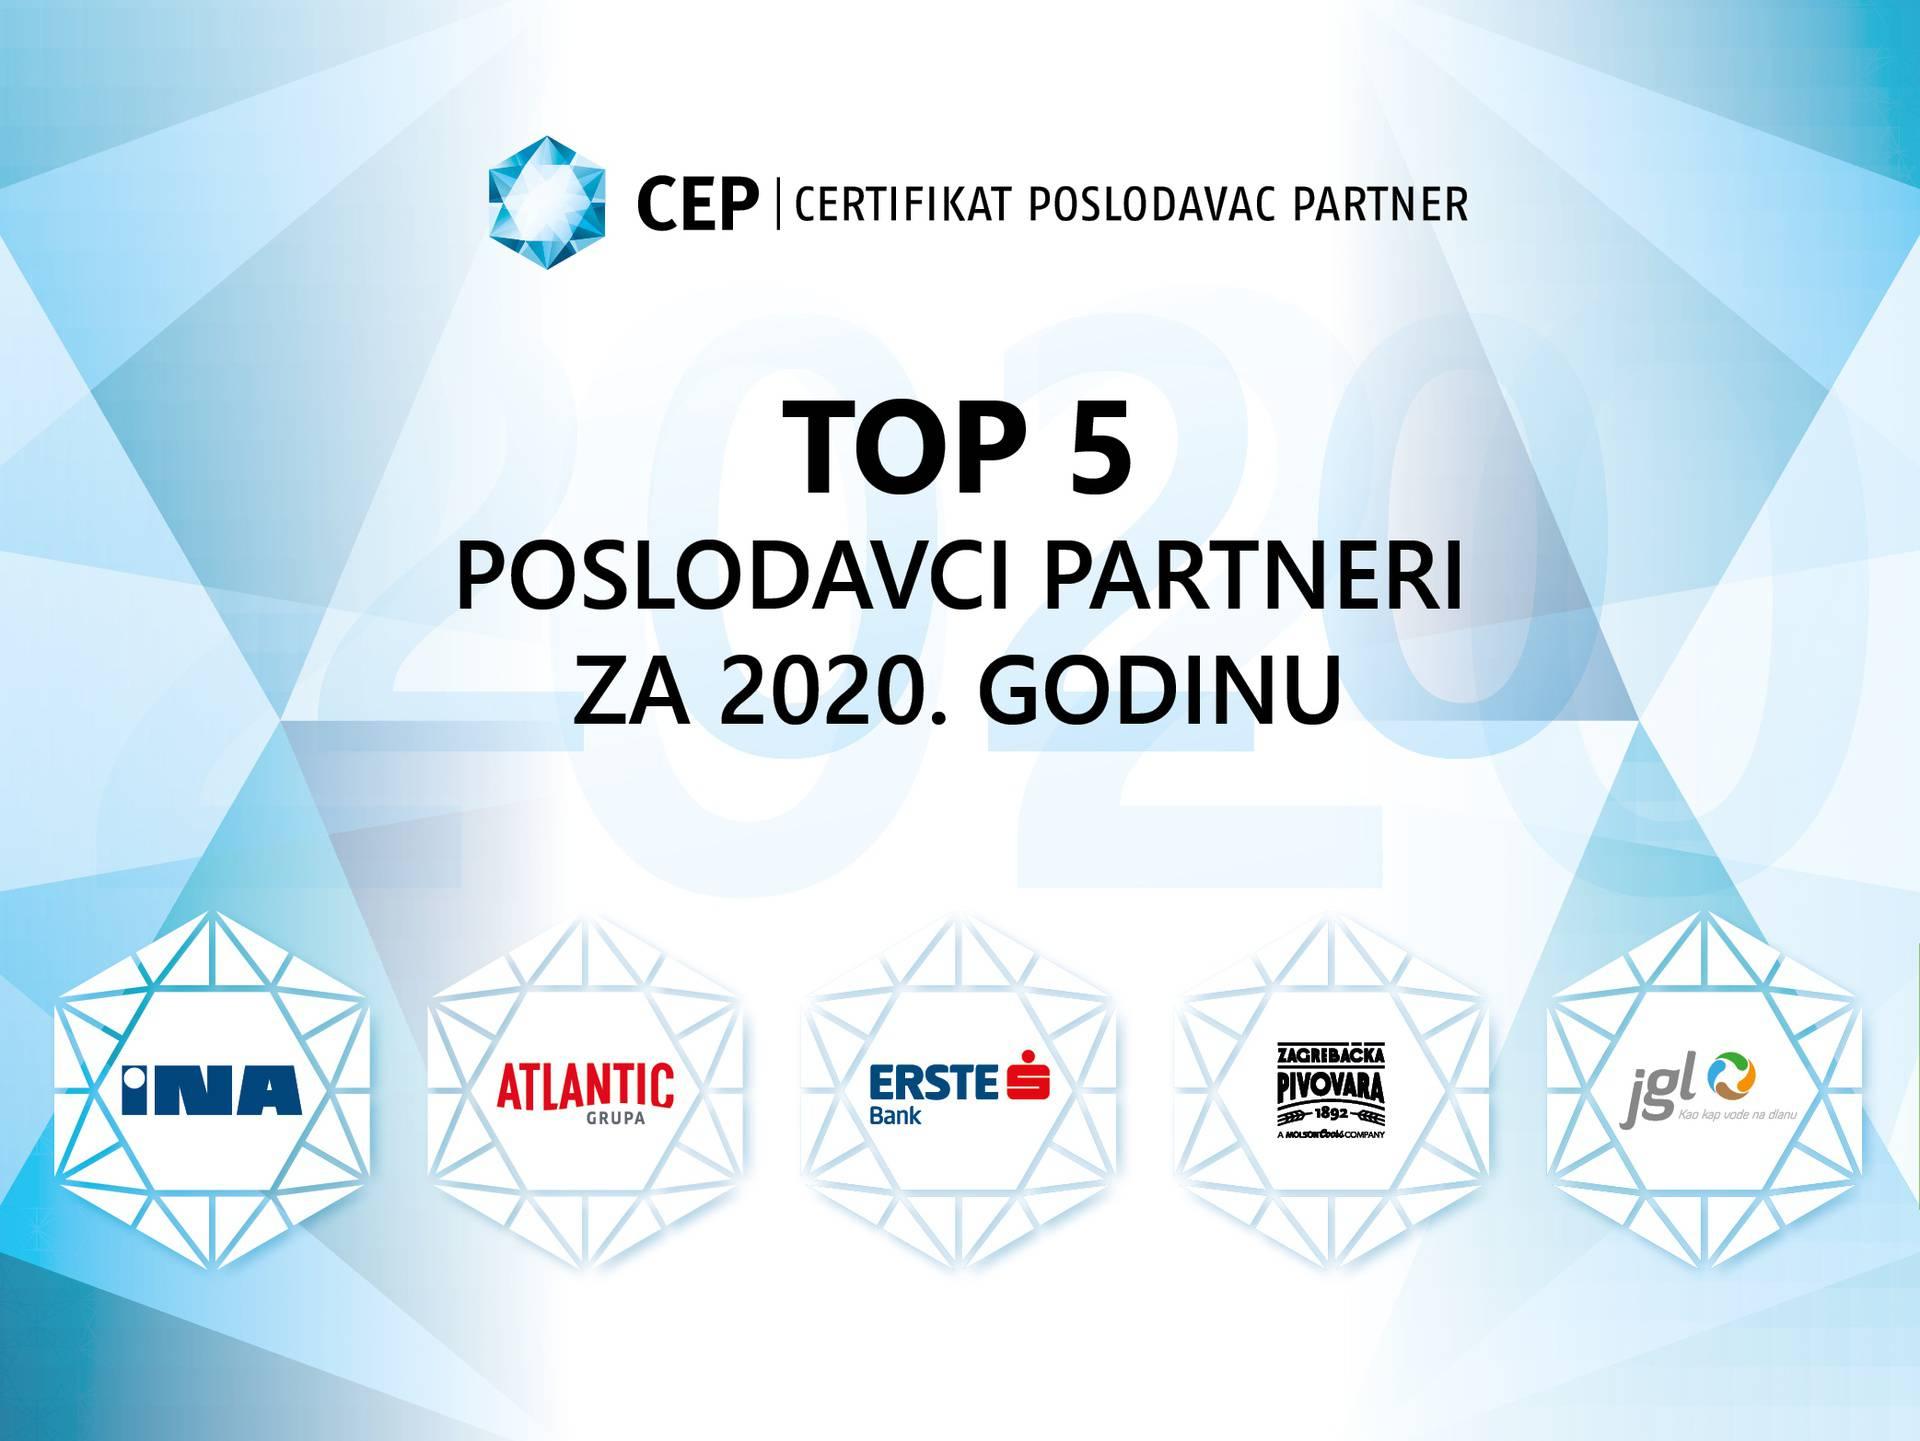 Objavljeni top 5 poslodavci partneri za 2020. godinu